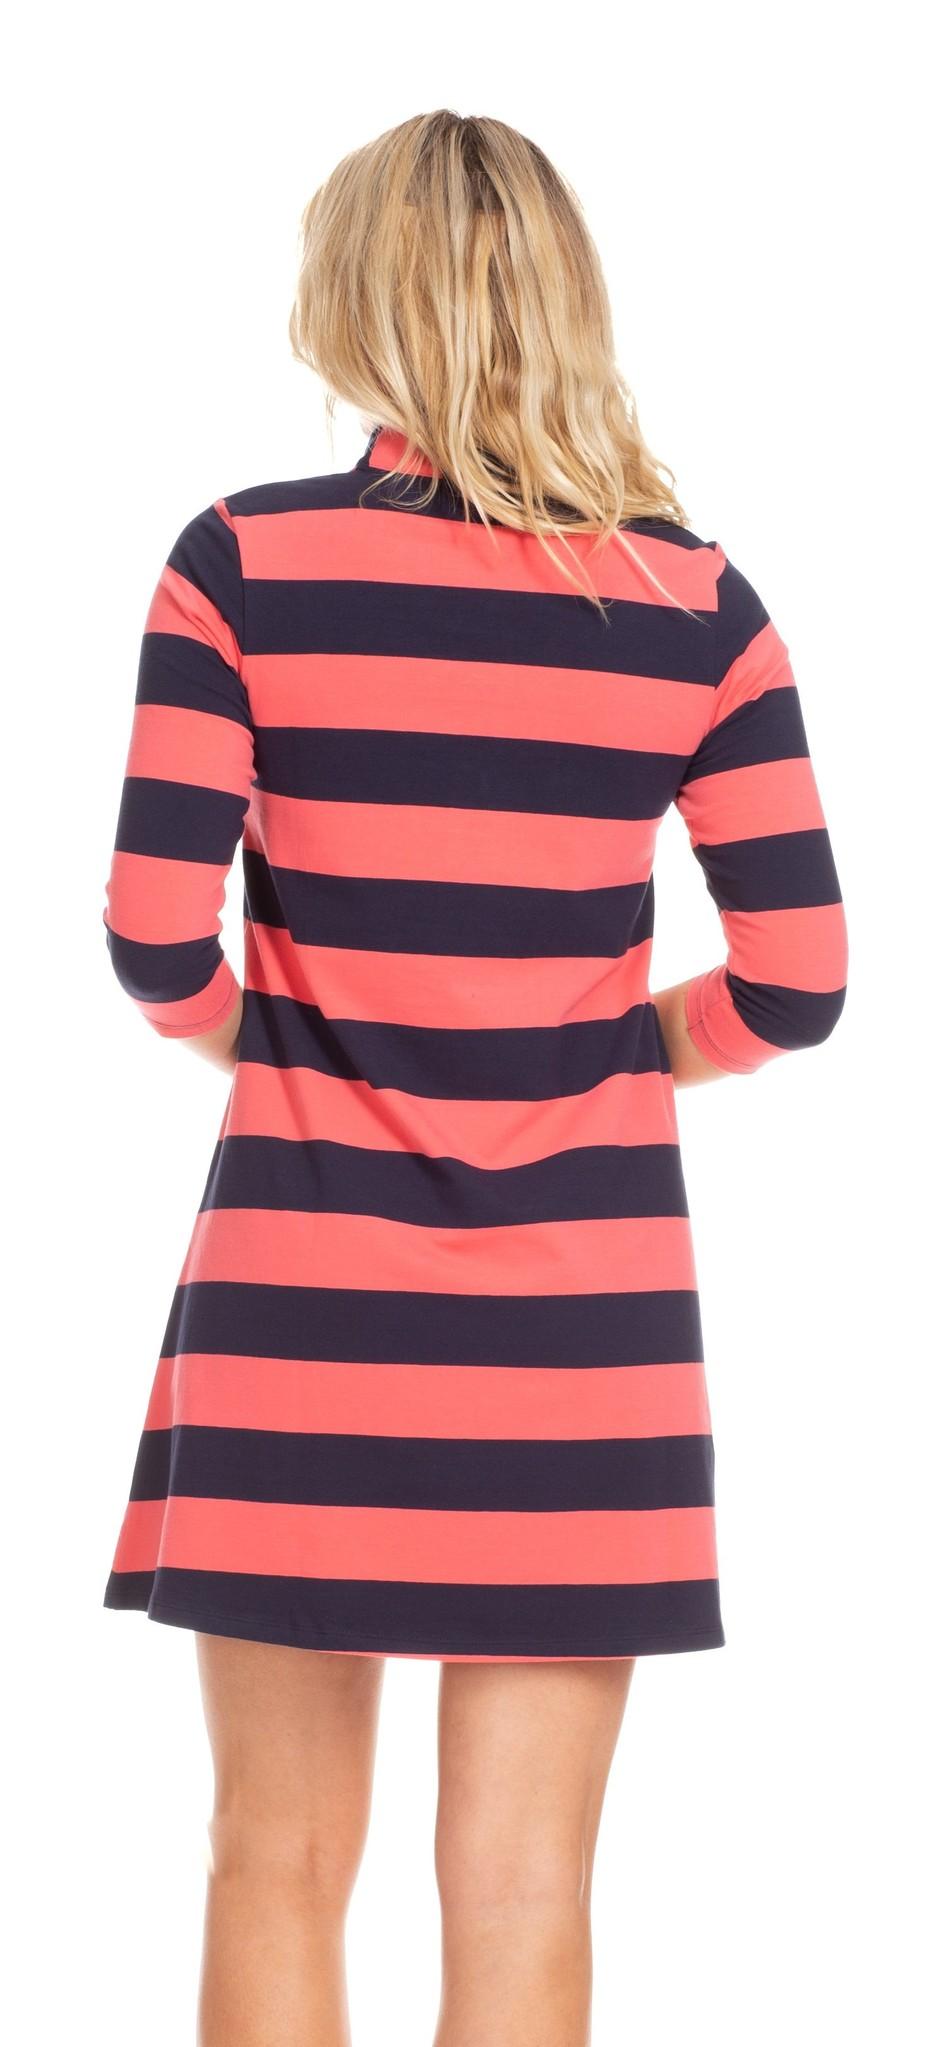 DUFFIELD LANE Kingsley Dress